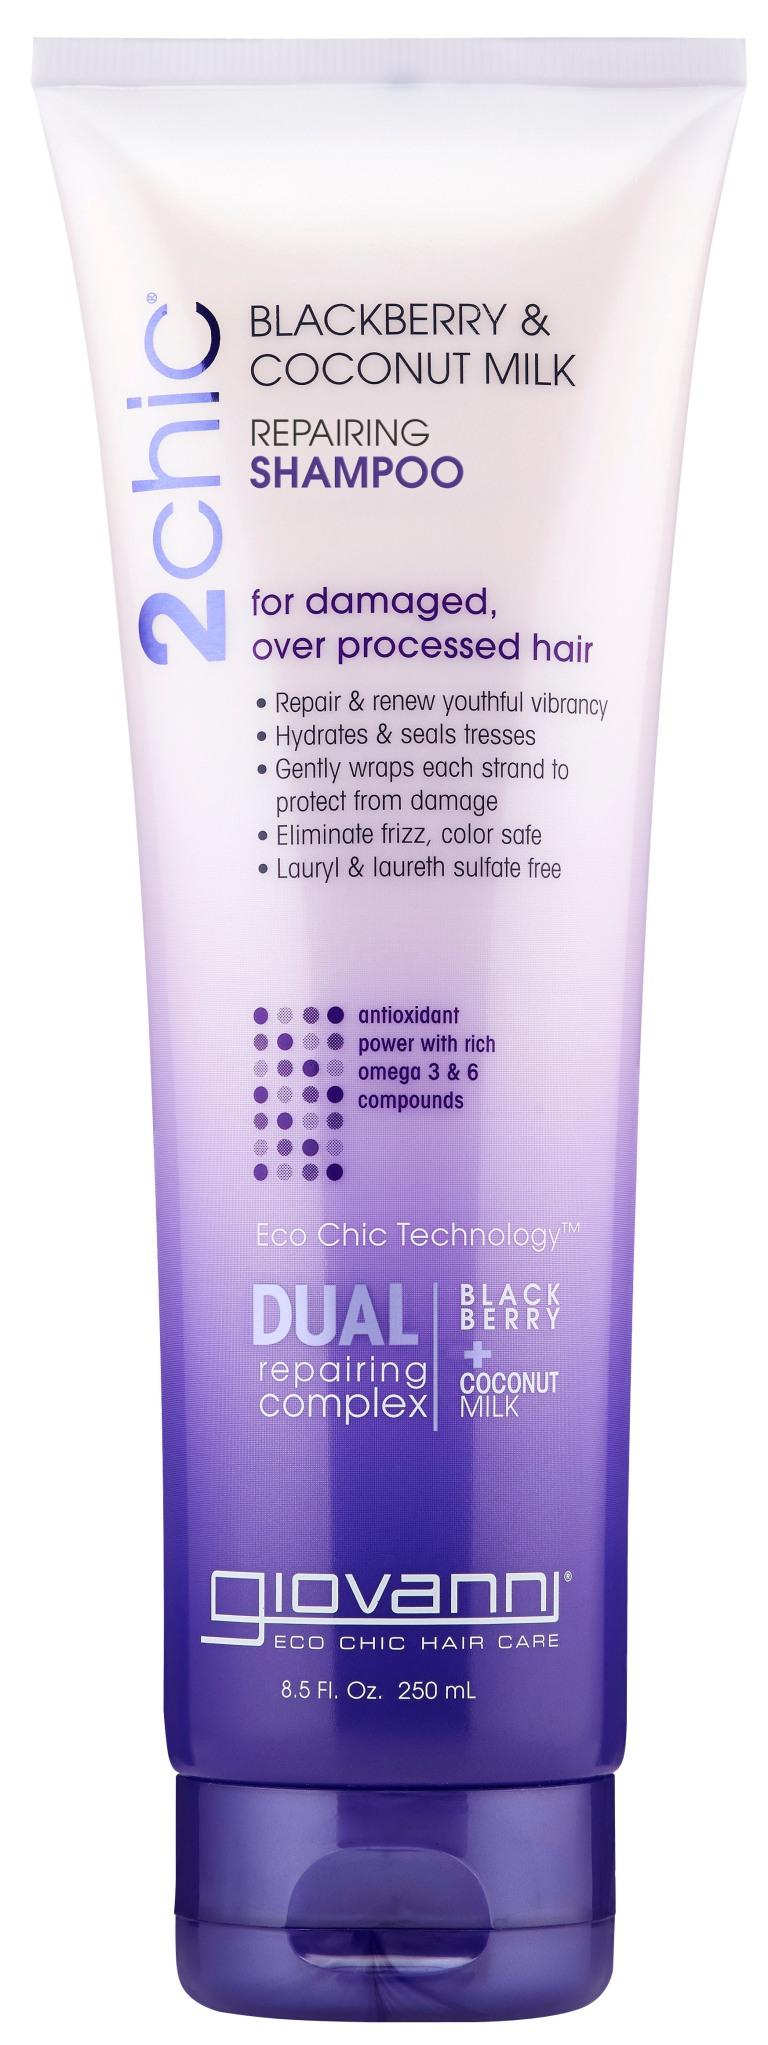 2chic Repairing Shampoo 8.5oz